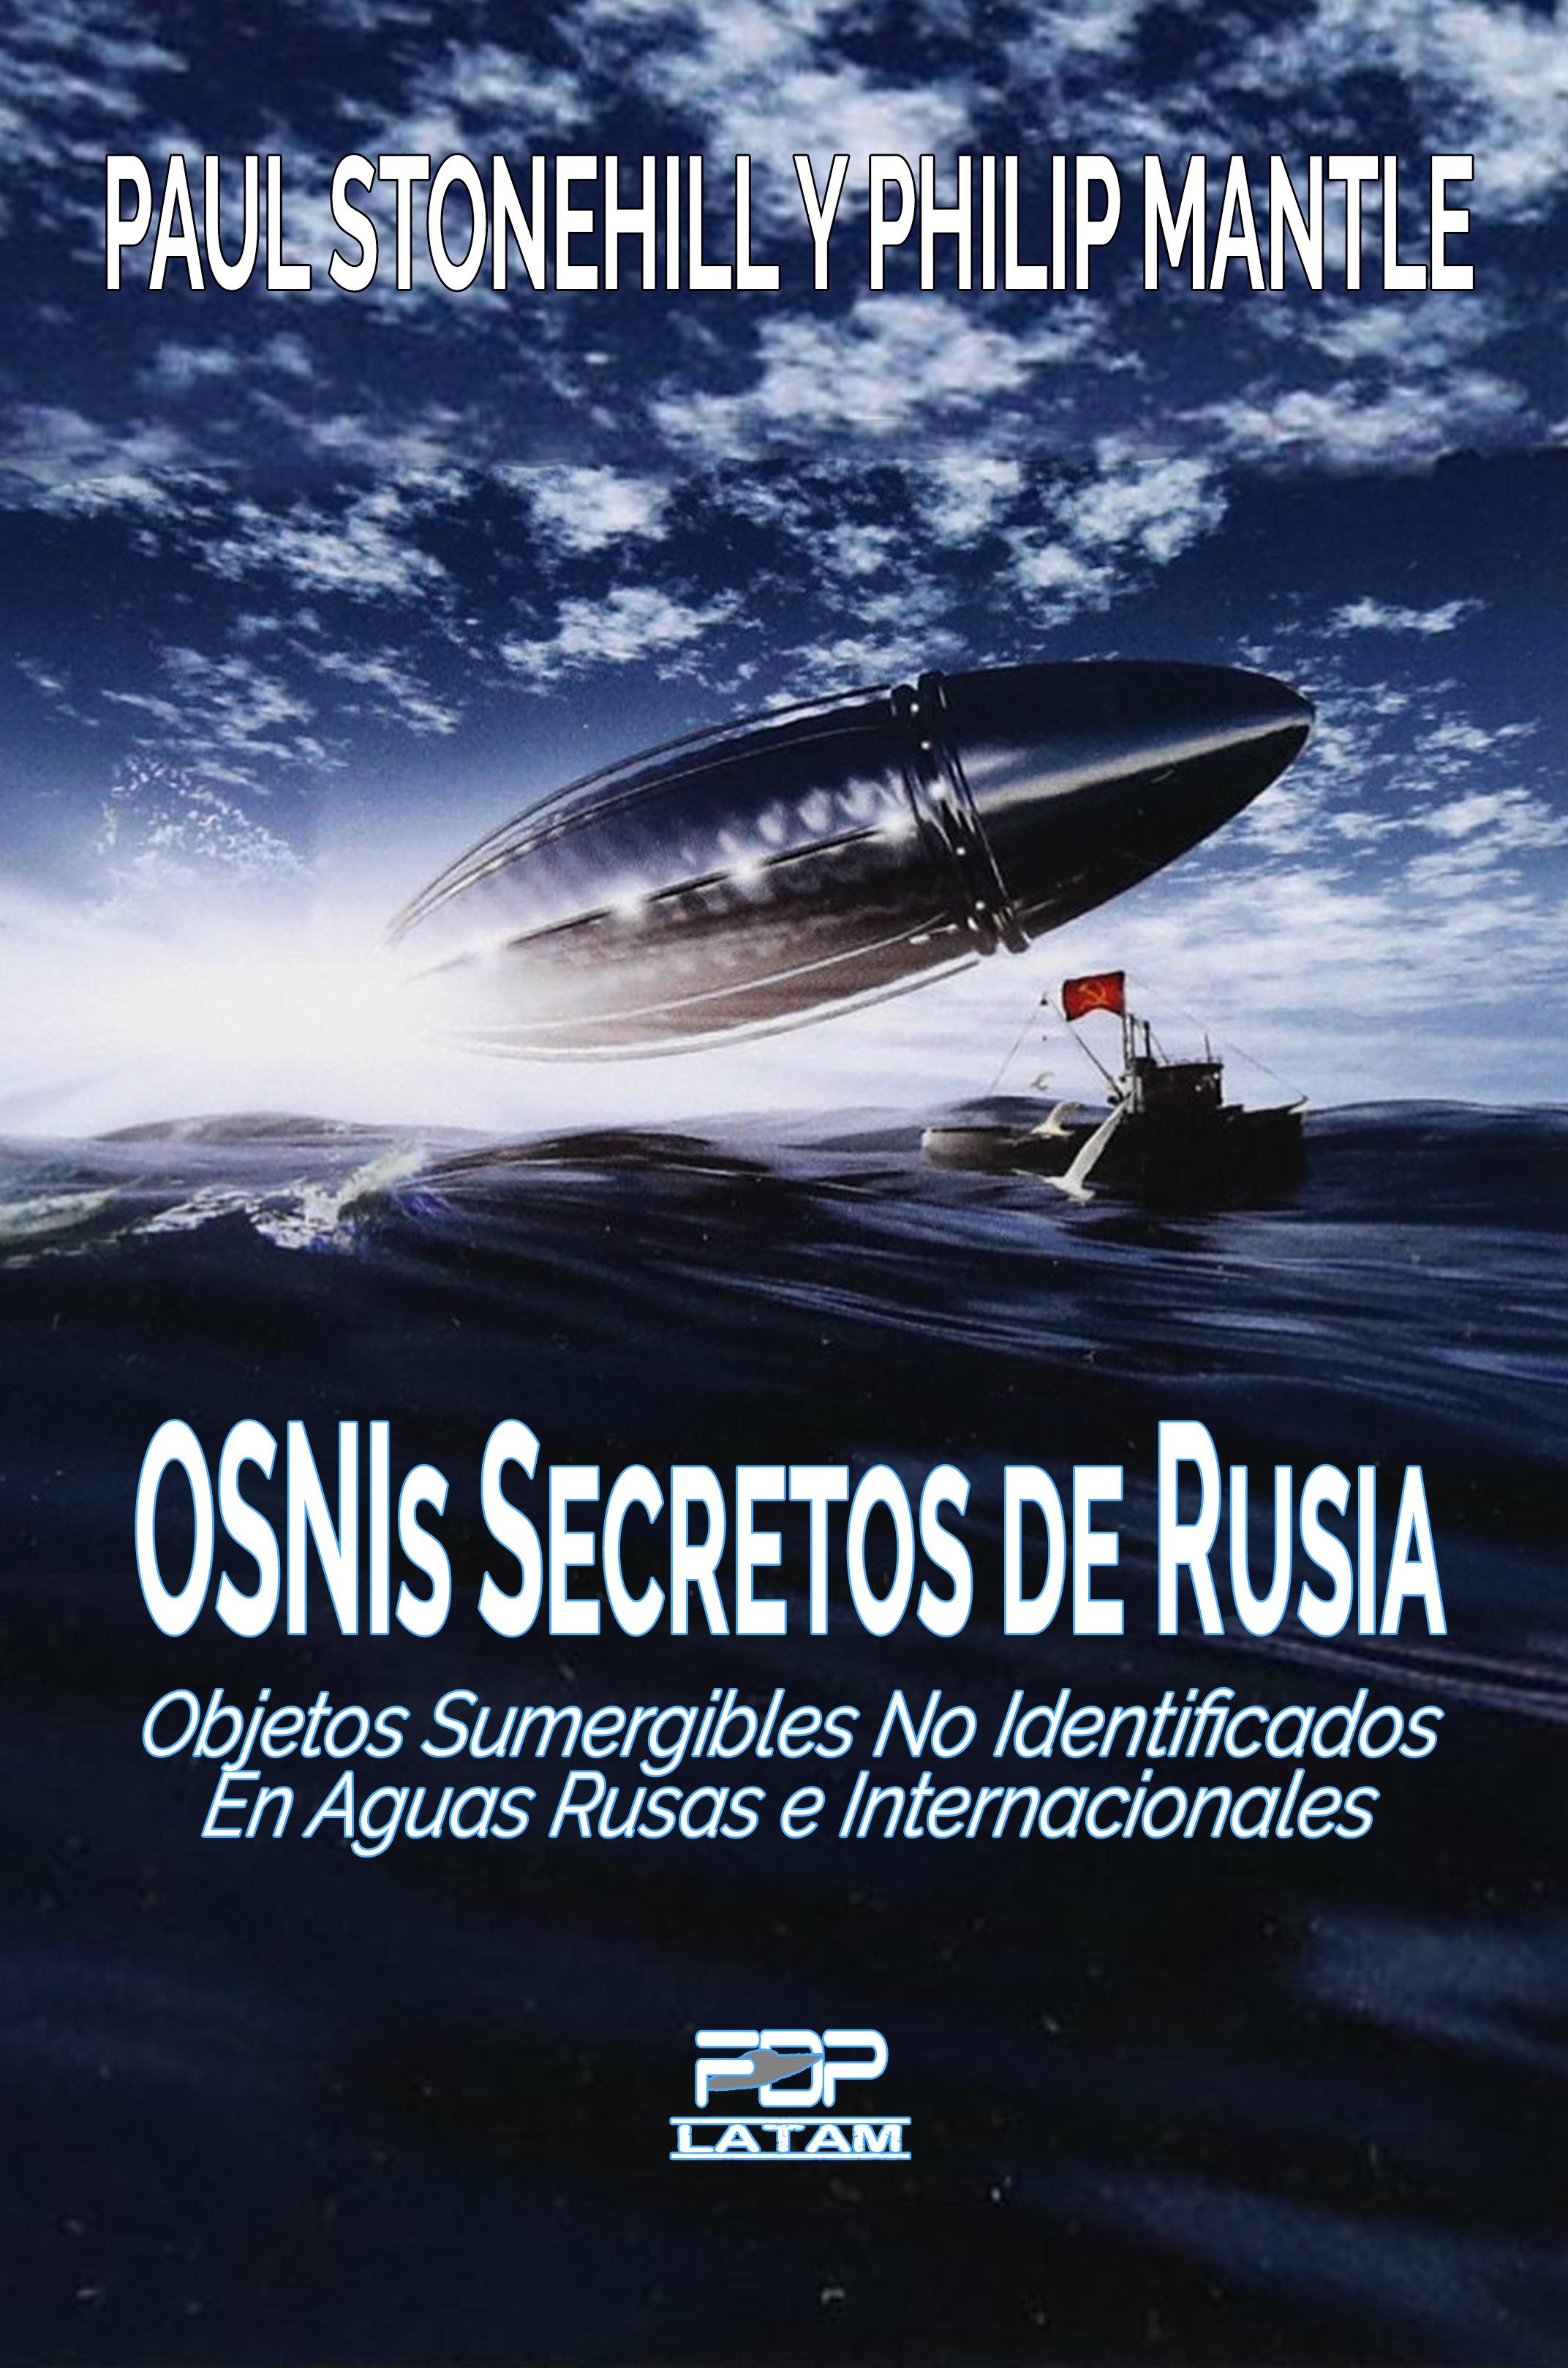 Couverture édition espagnole